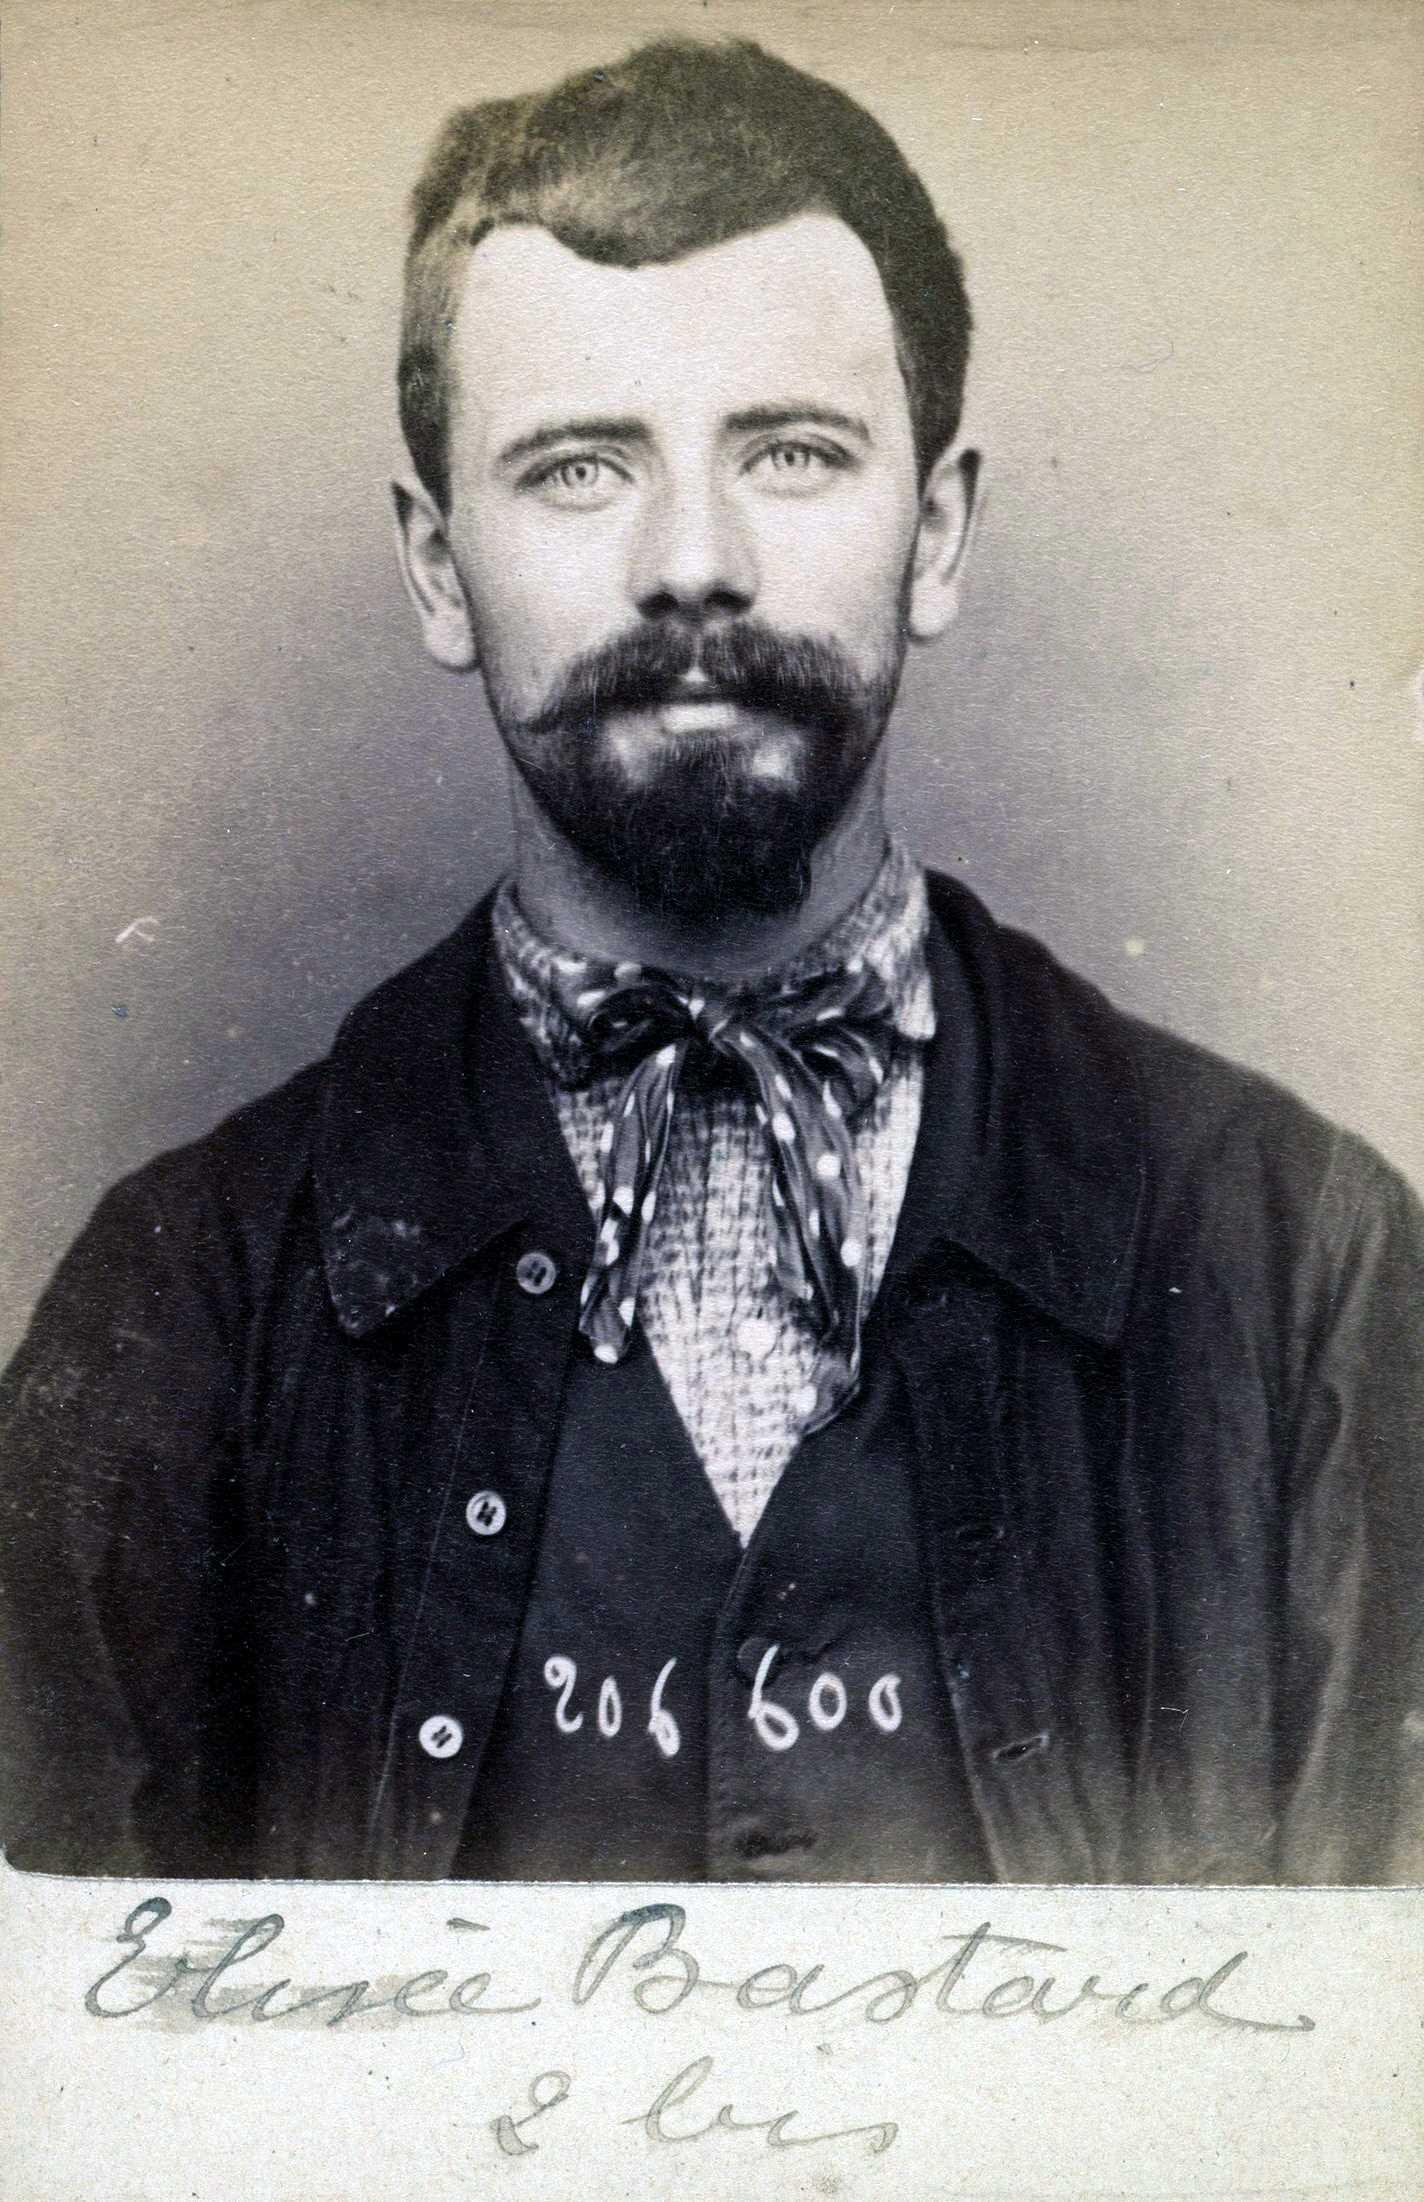 Foto policíaca d'Élisée Bastard (20 d'agost de 1893)